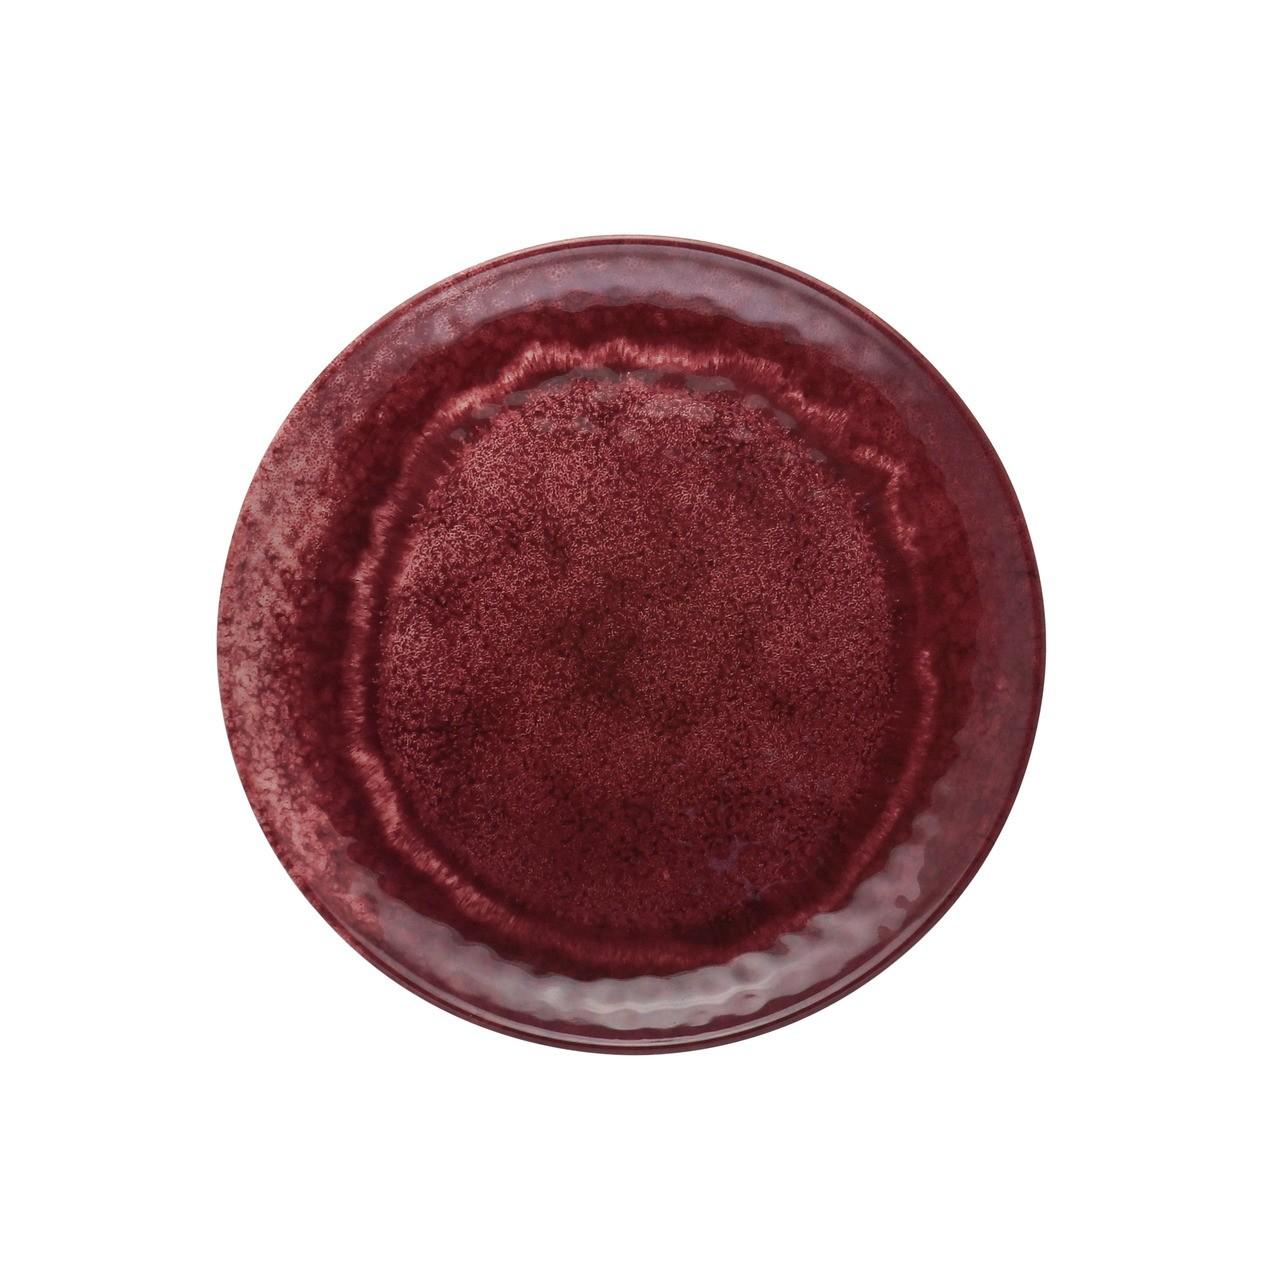 Jg 06 Pratos Raso Aqua Vermelho de Melamina